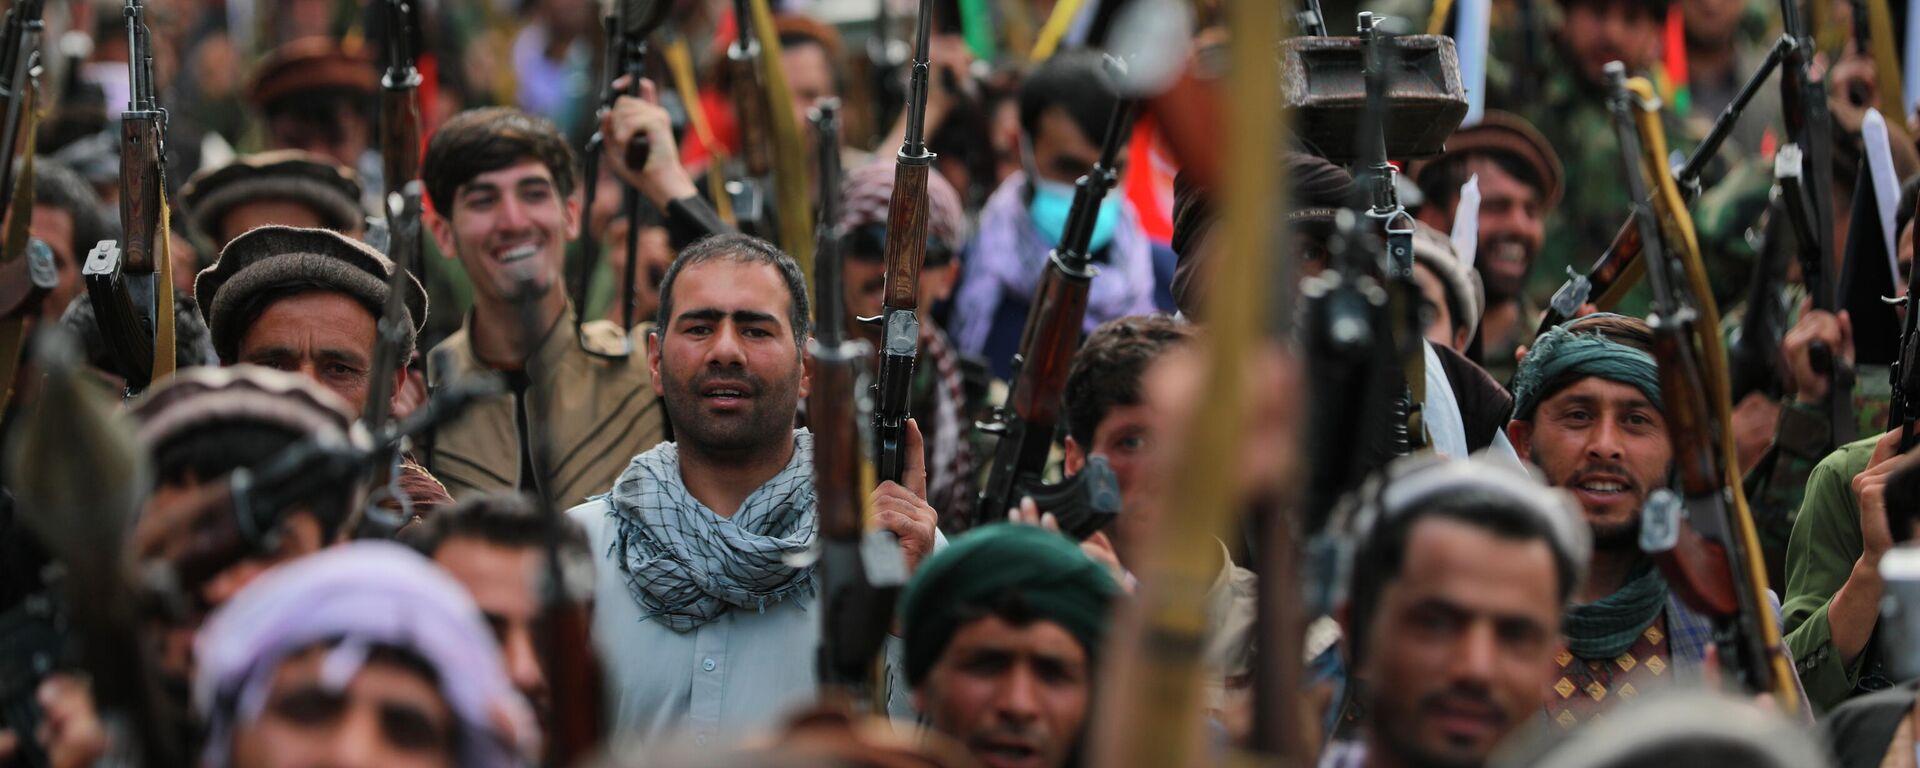 Афганские ополченцы присоединяются к силам обороны Афганистана в Кабуле - Sputnik Таджикистан, 1920, 05.07.2021